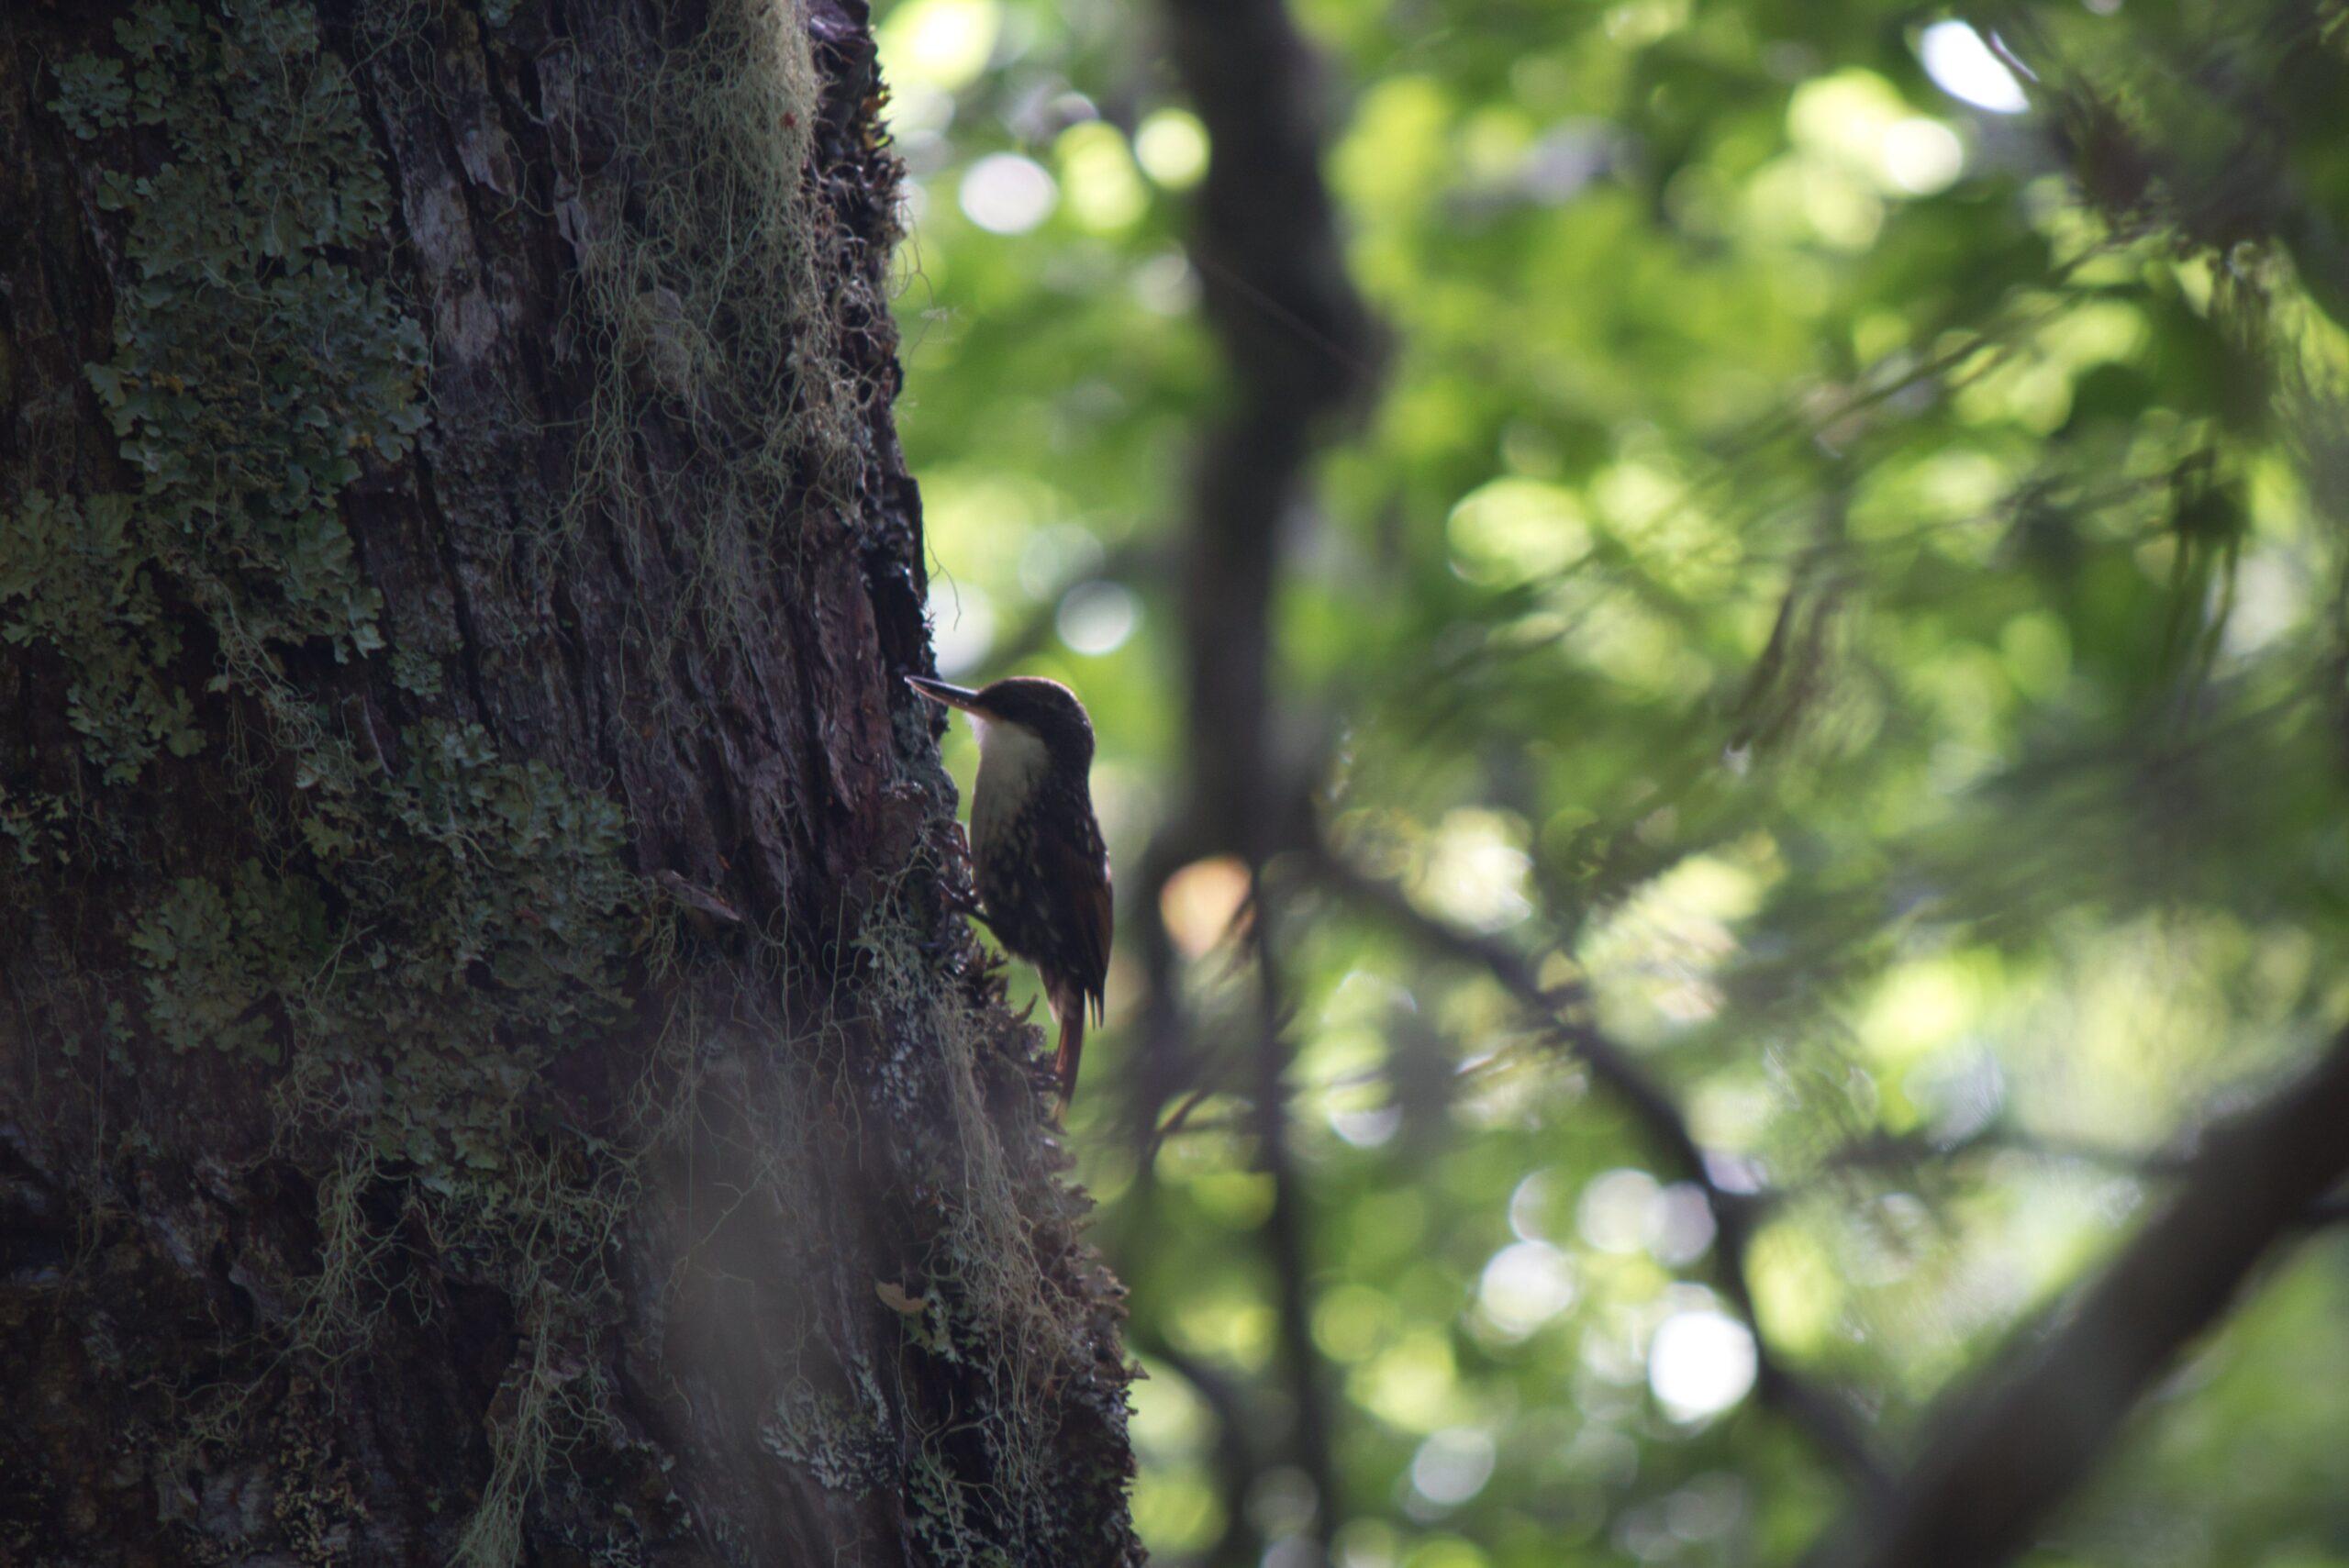 ¿Qué es la terapia de bosque Shinrin-Yoku? y cómo la naturaleza puede ayudarnos en tiempos de crisis